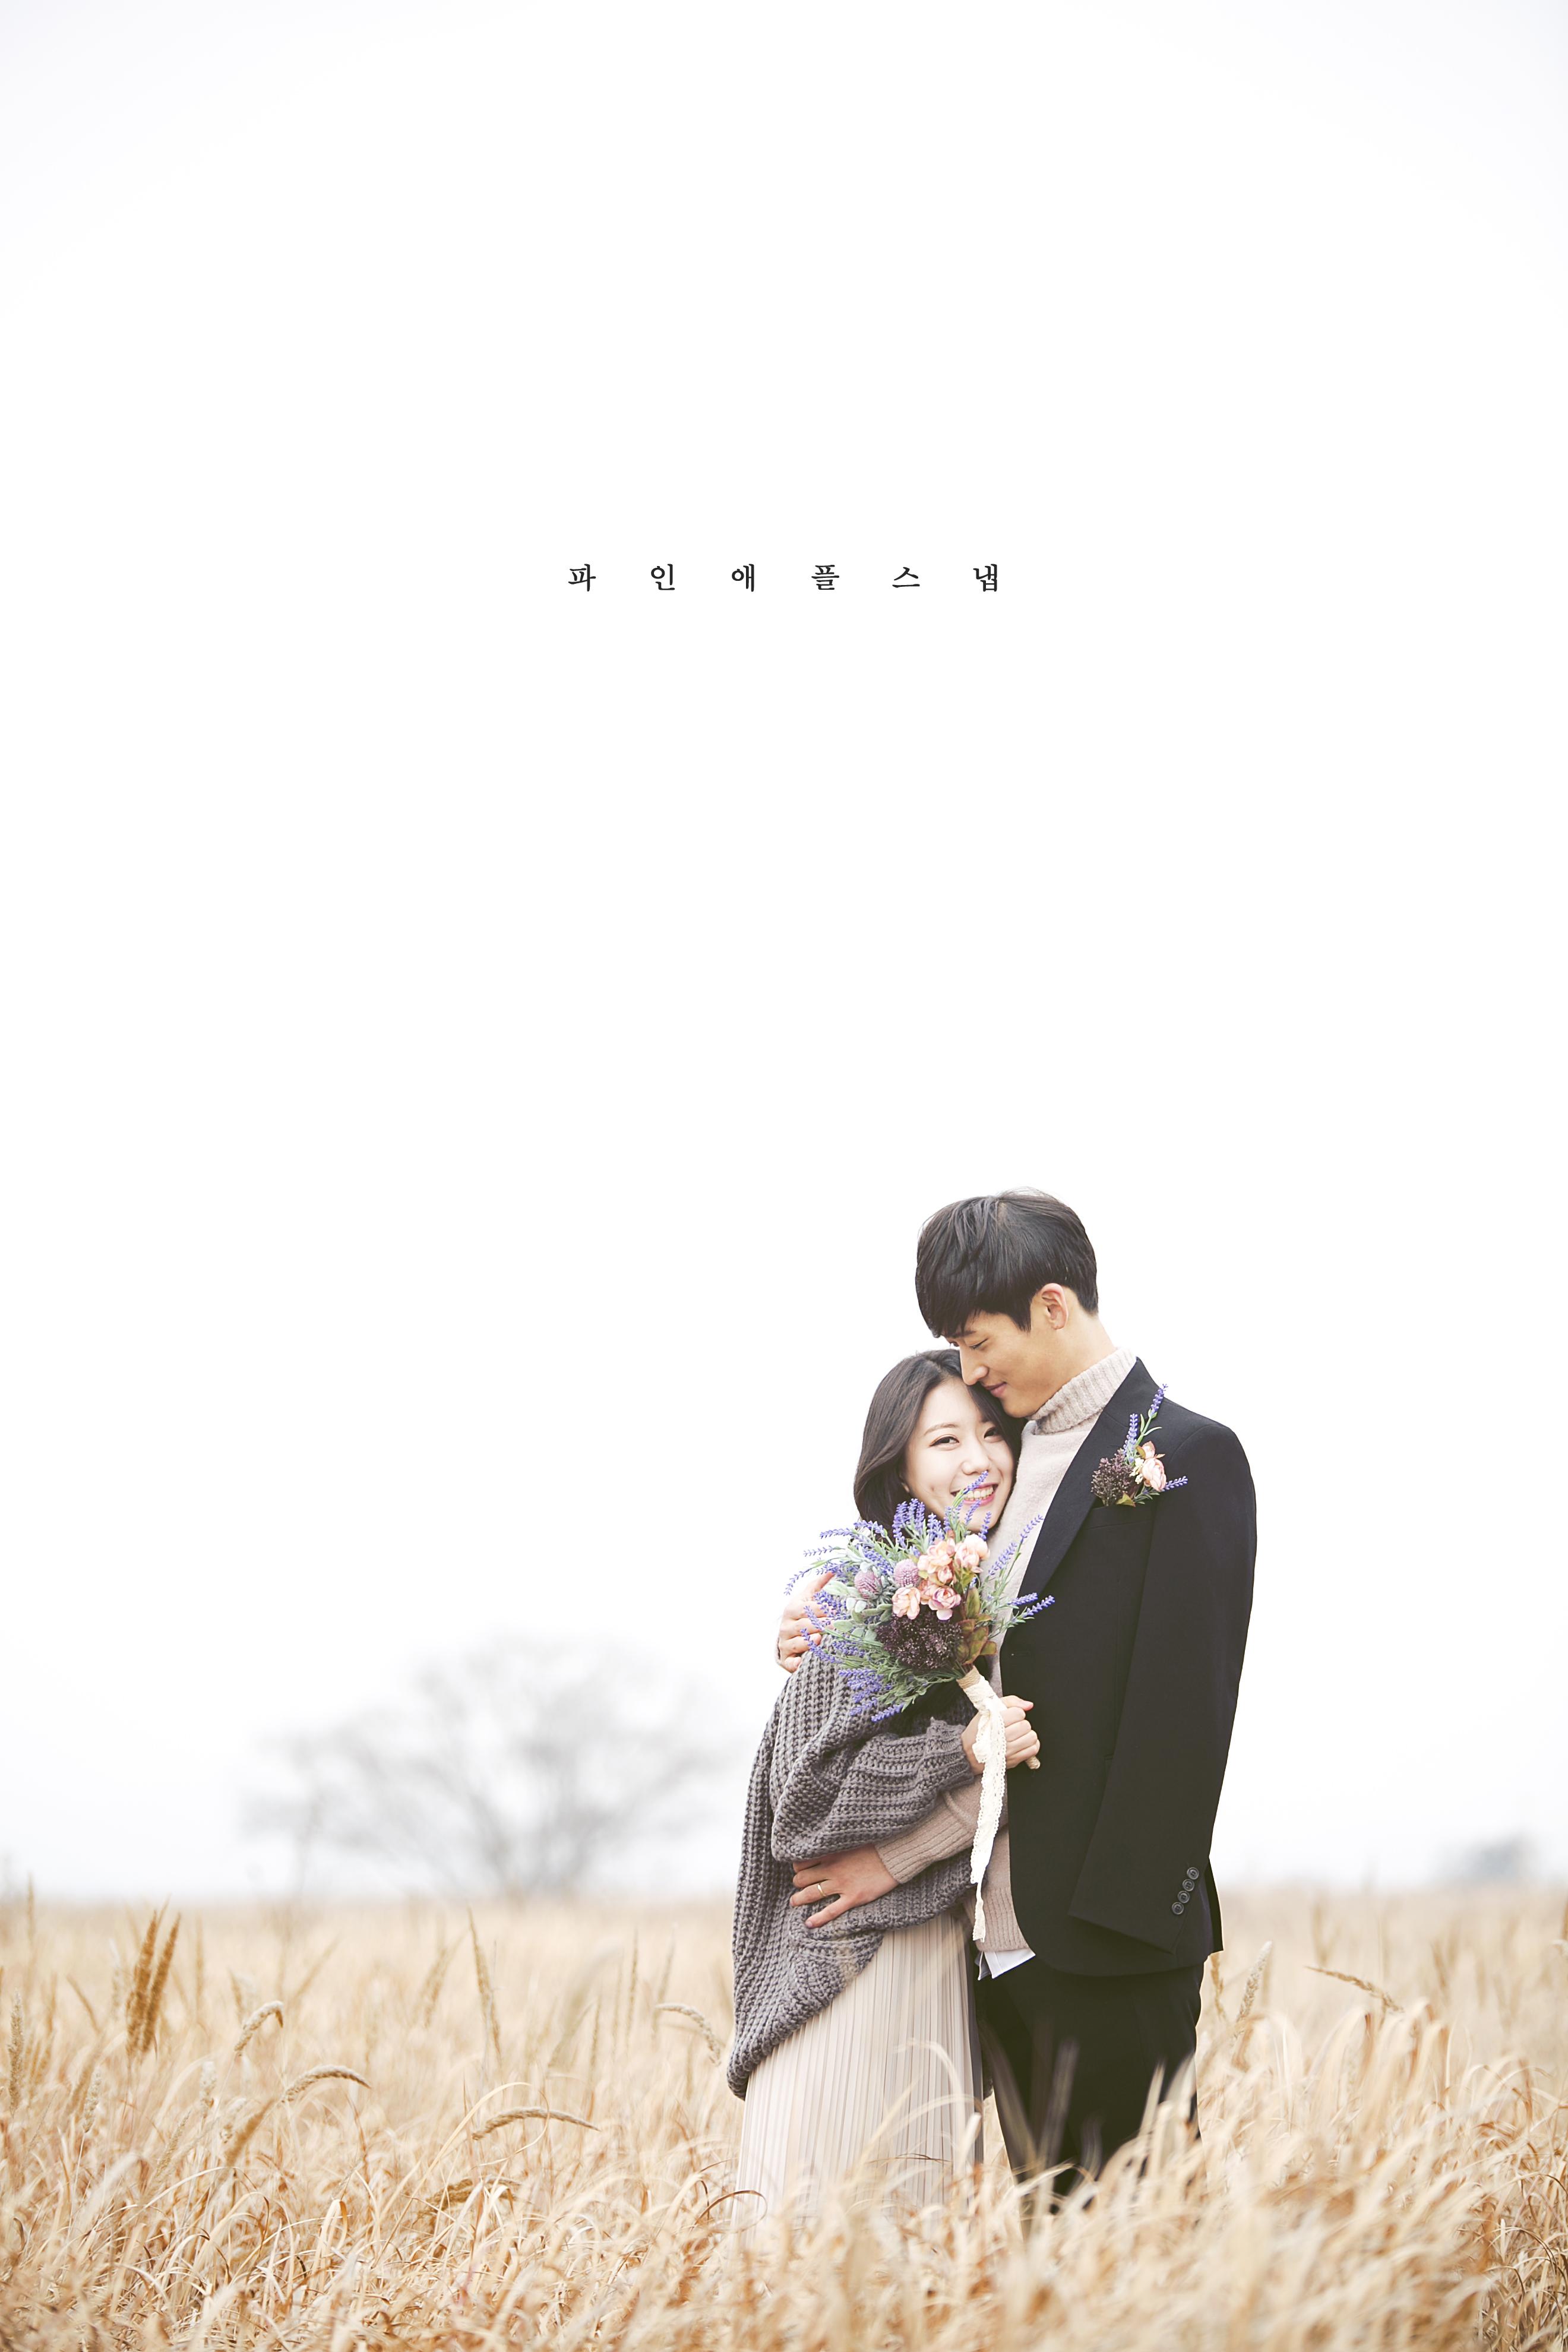 婚紗攝影工作室,韓國婚紗,自主婚紗,海外婚禮,,,, - PINEAPPLE SNAP韓國攝影師工作室 作品瀏覽